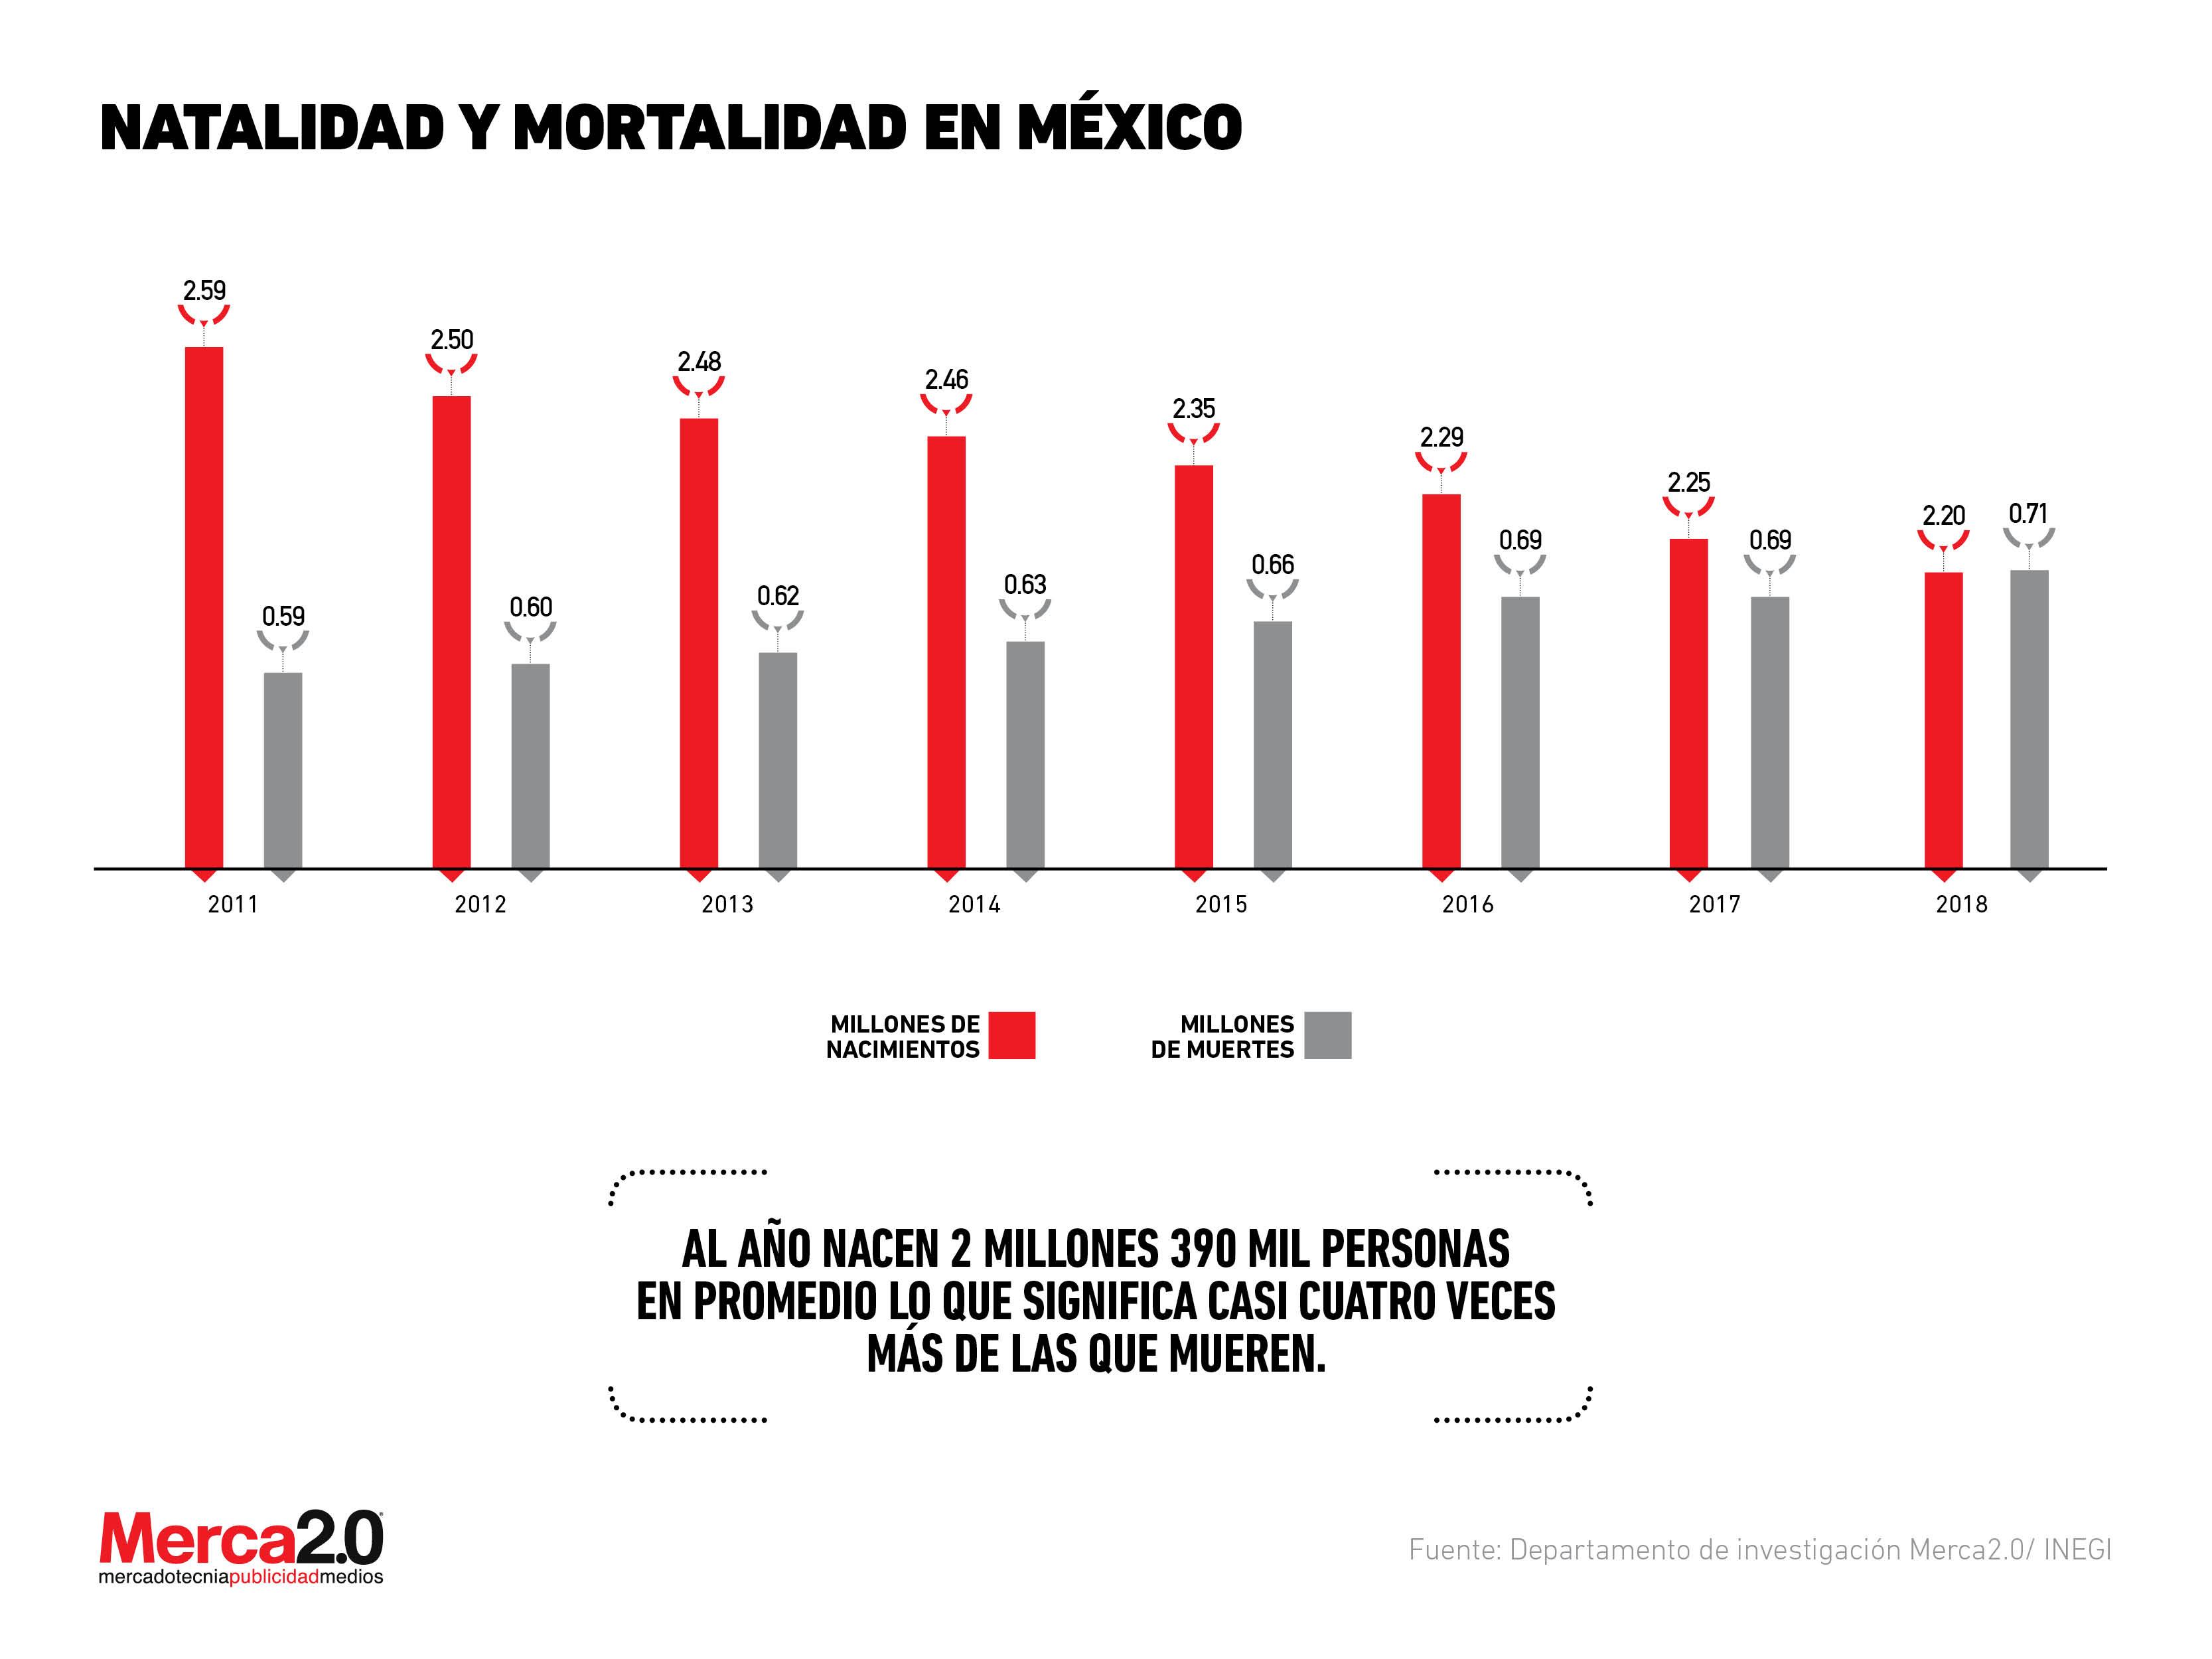 Tasas de natalidad y mortalidad en México